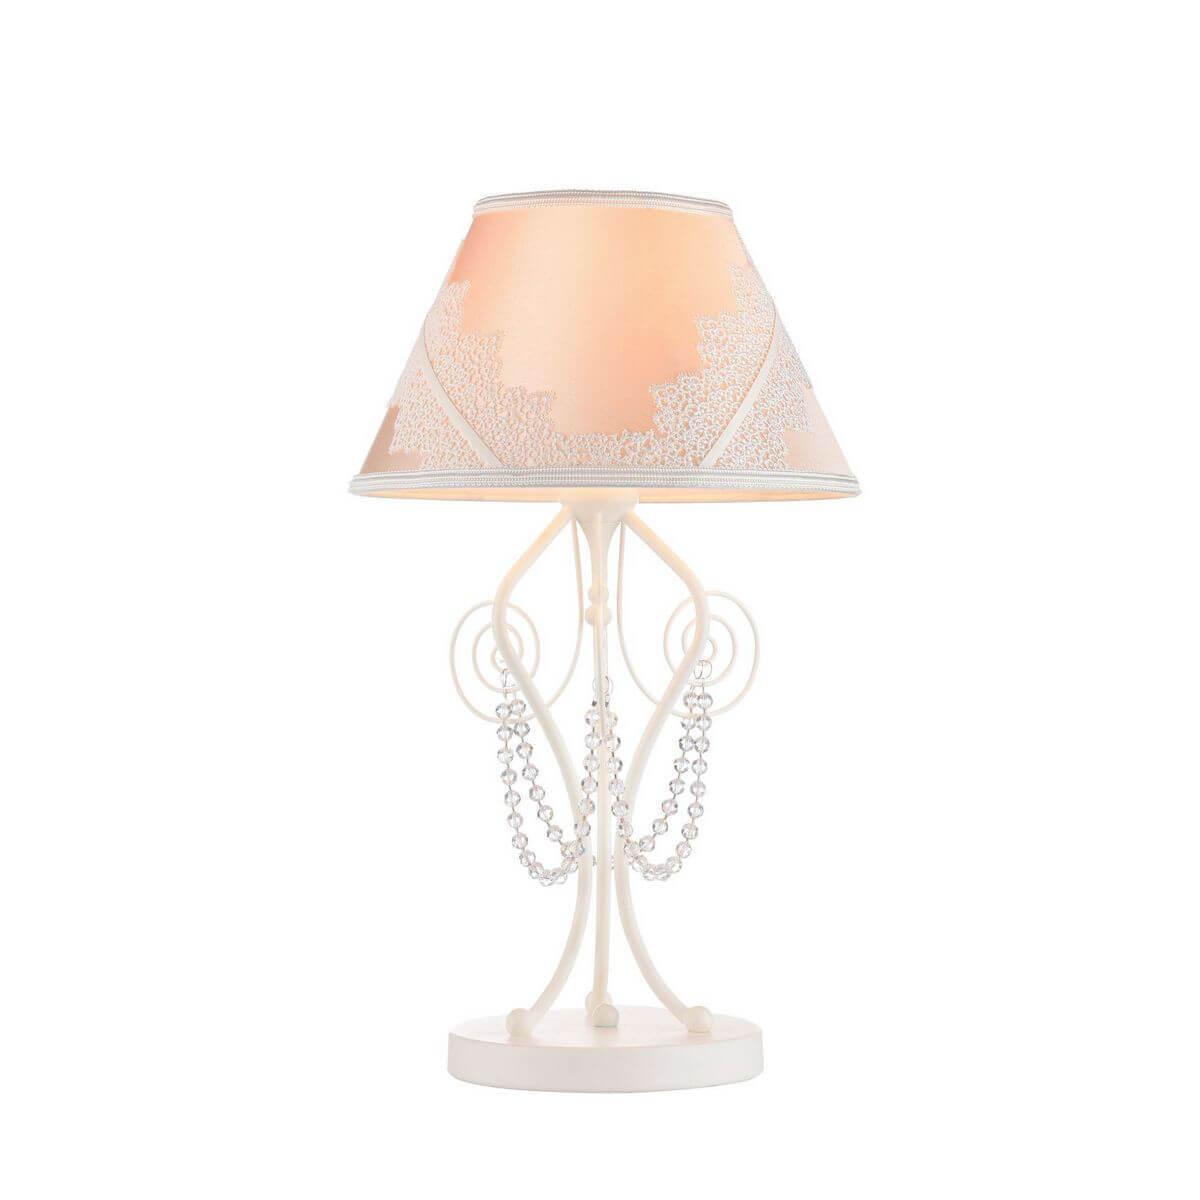 Настольная лампа Maytoni ARM042-11-W Lucy